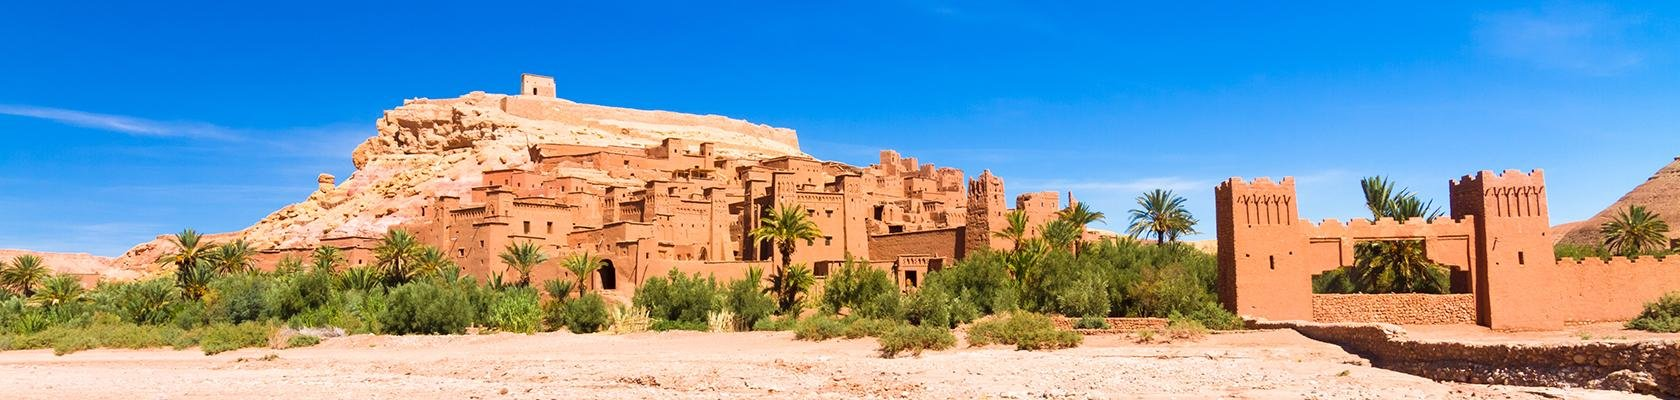 Individuele rondreizen Afrika - Marokko